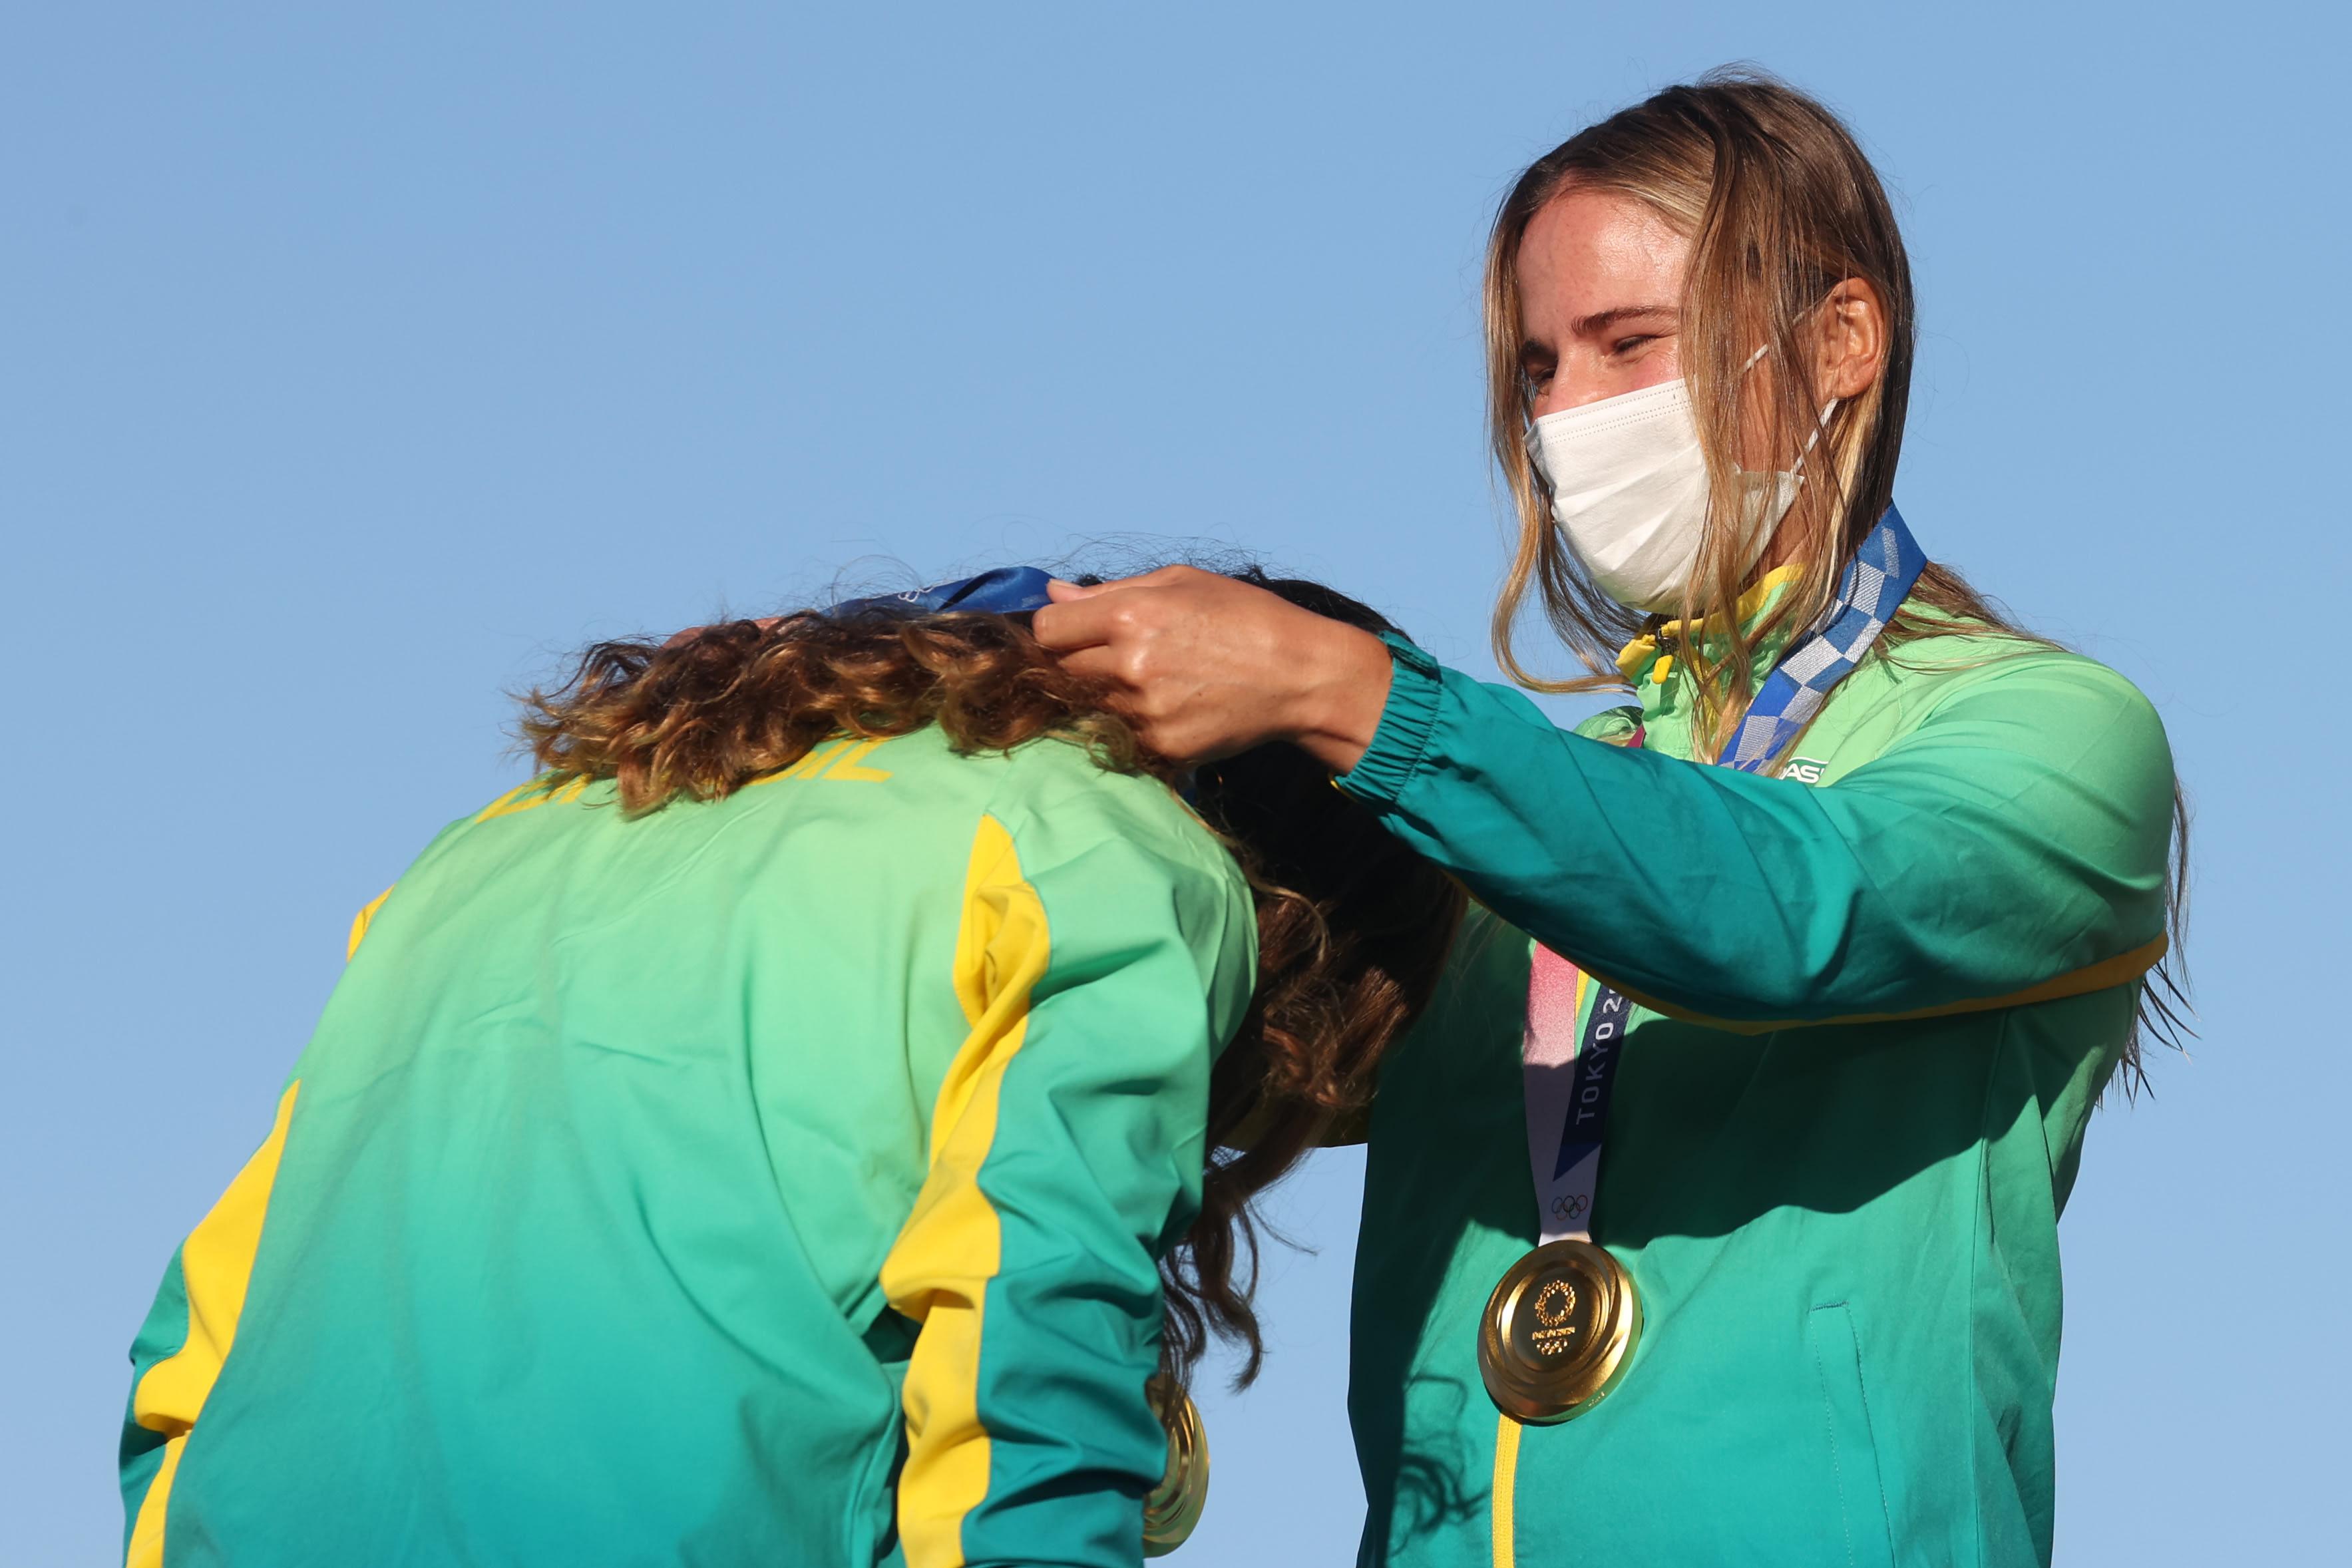 Uma atleta colocando a medalha na outra.